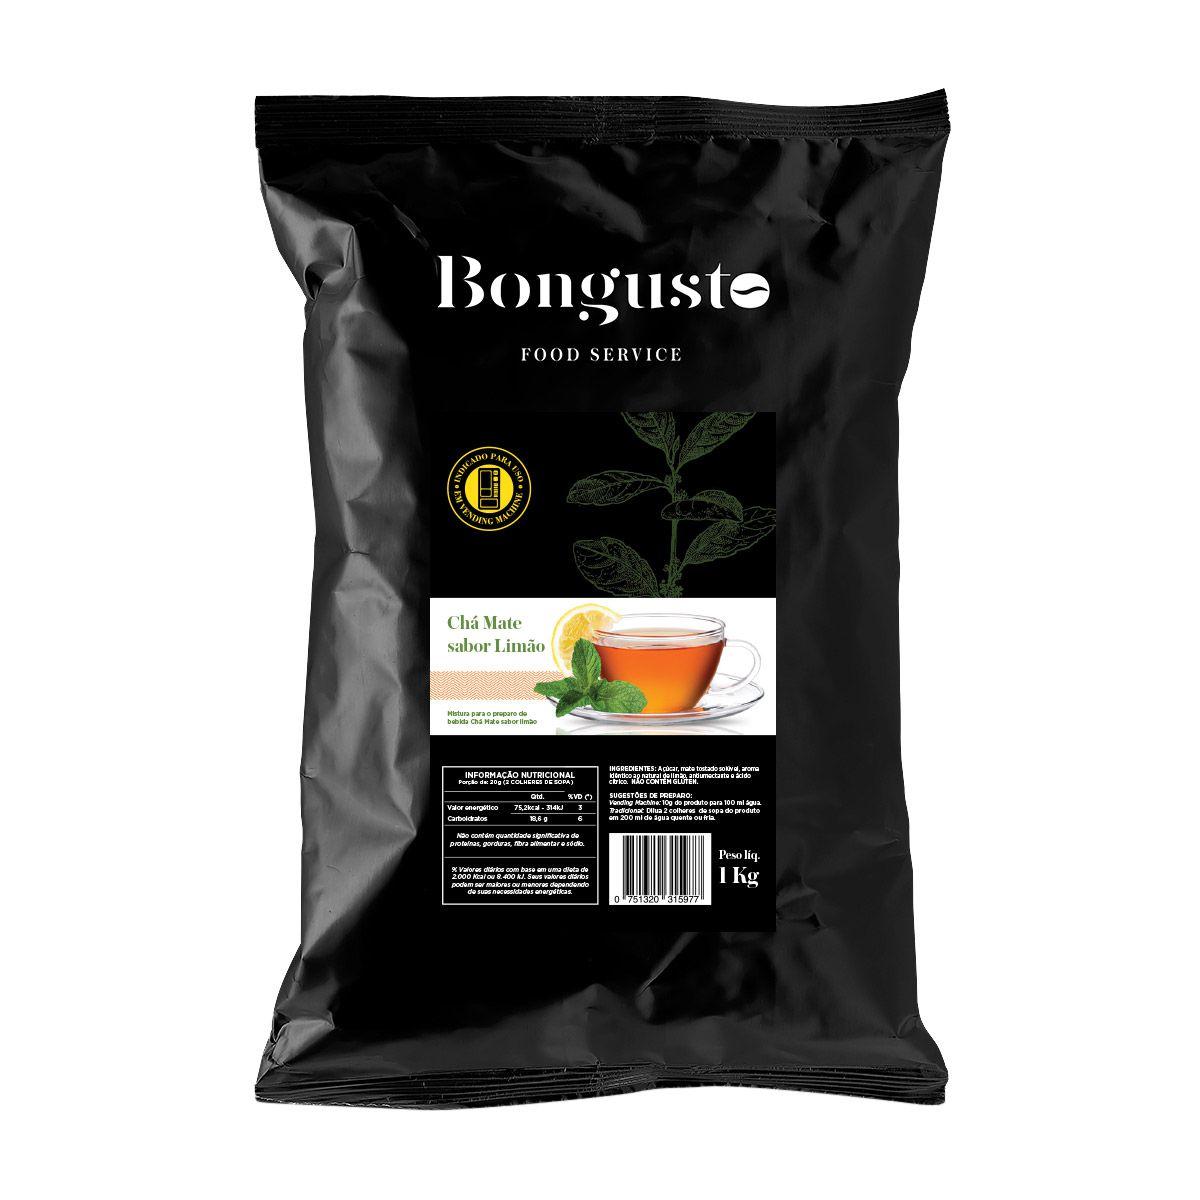 CHÁ MATE LIMÃO  1KG - BONGUSTO FOOD SERVICE